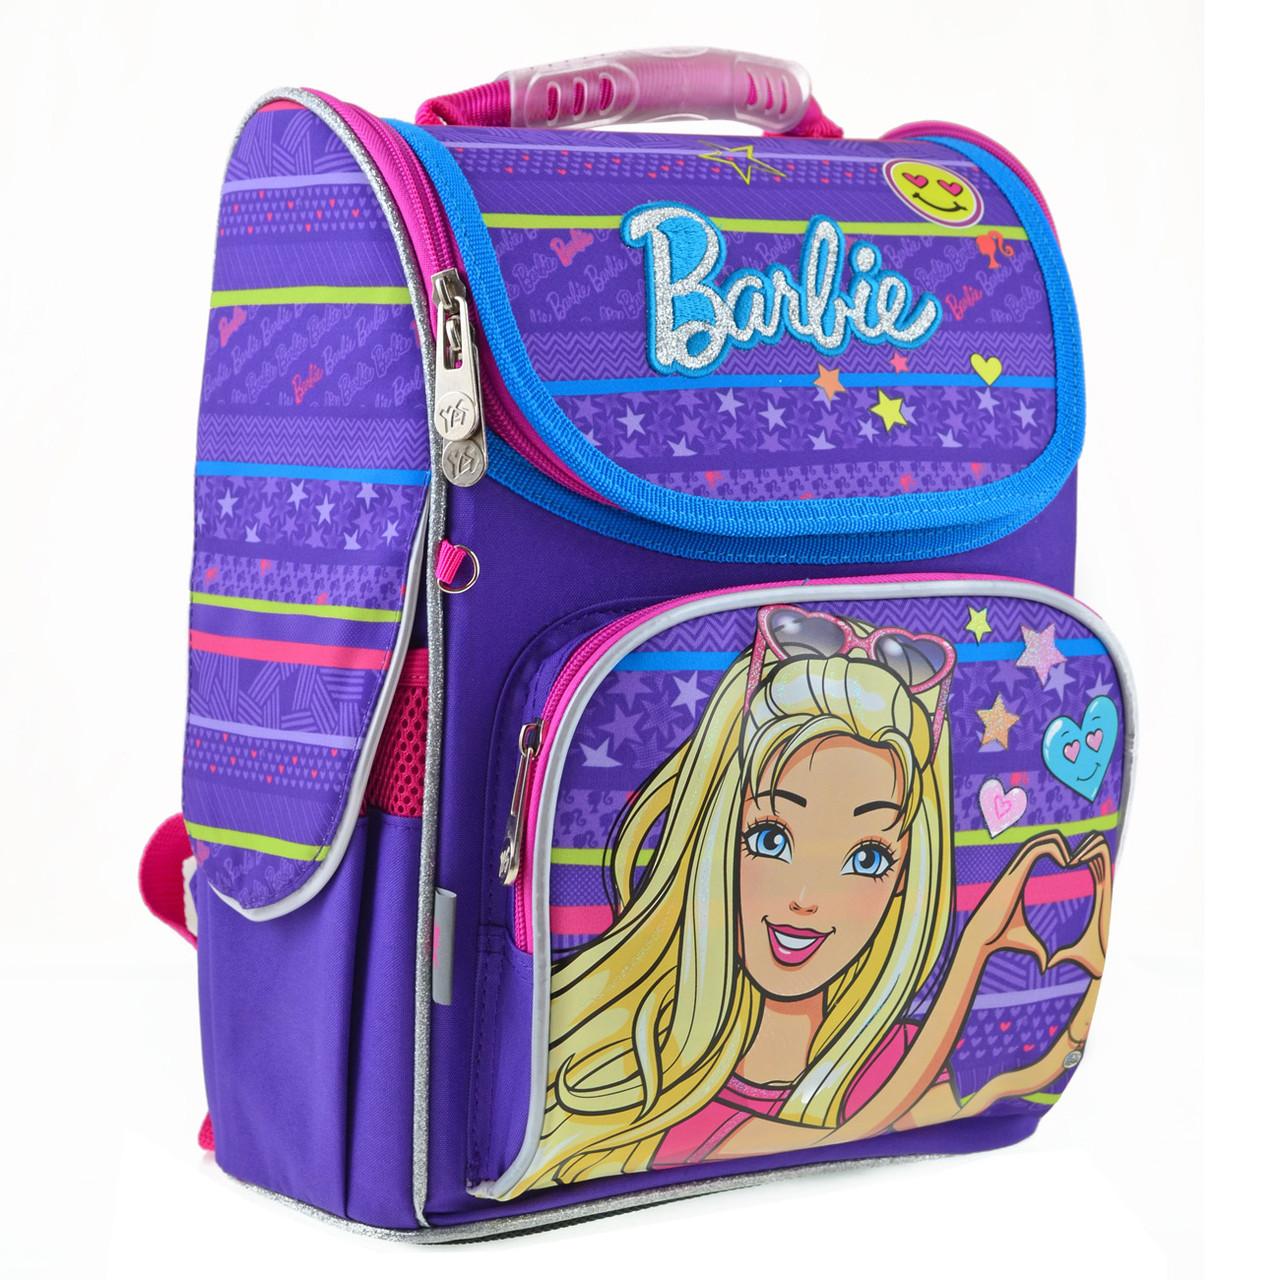 Рюкзак школьный каркасный YES H-11 Barbie, 33.5*26*13.5 555154